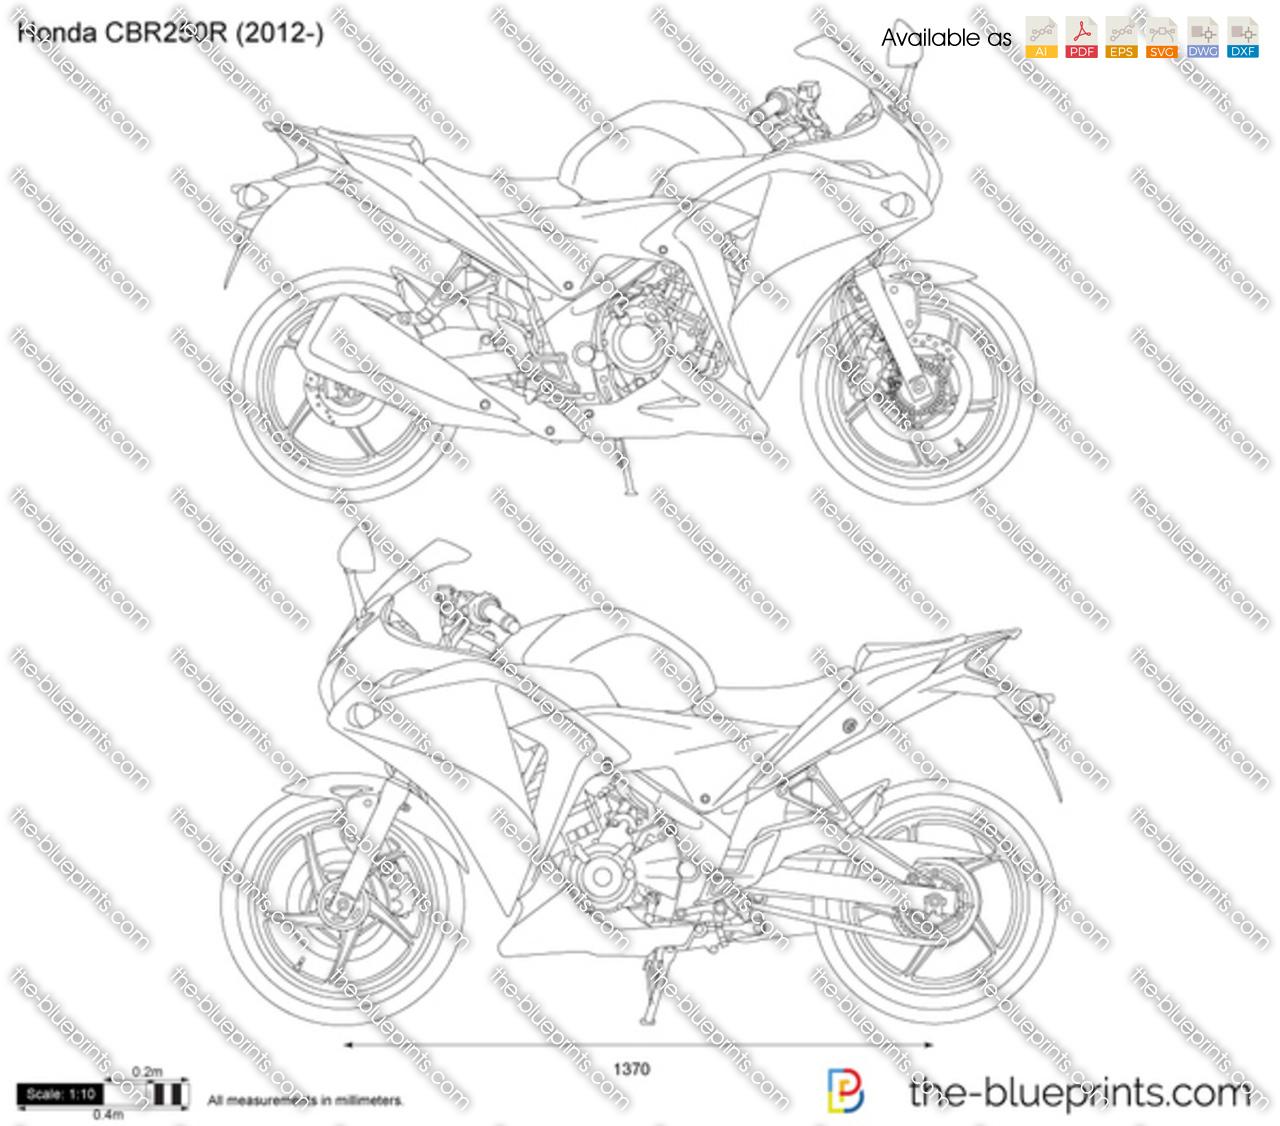 Honda CBR250R 2015